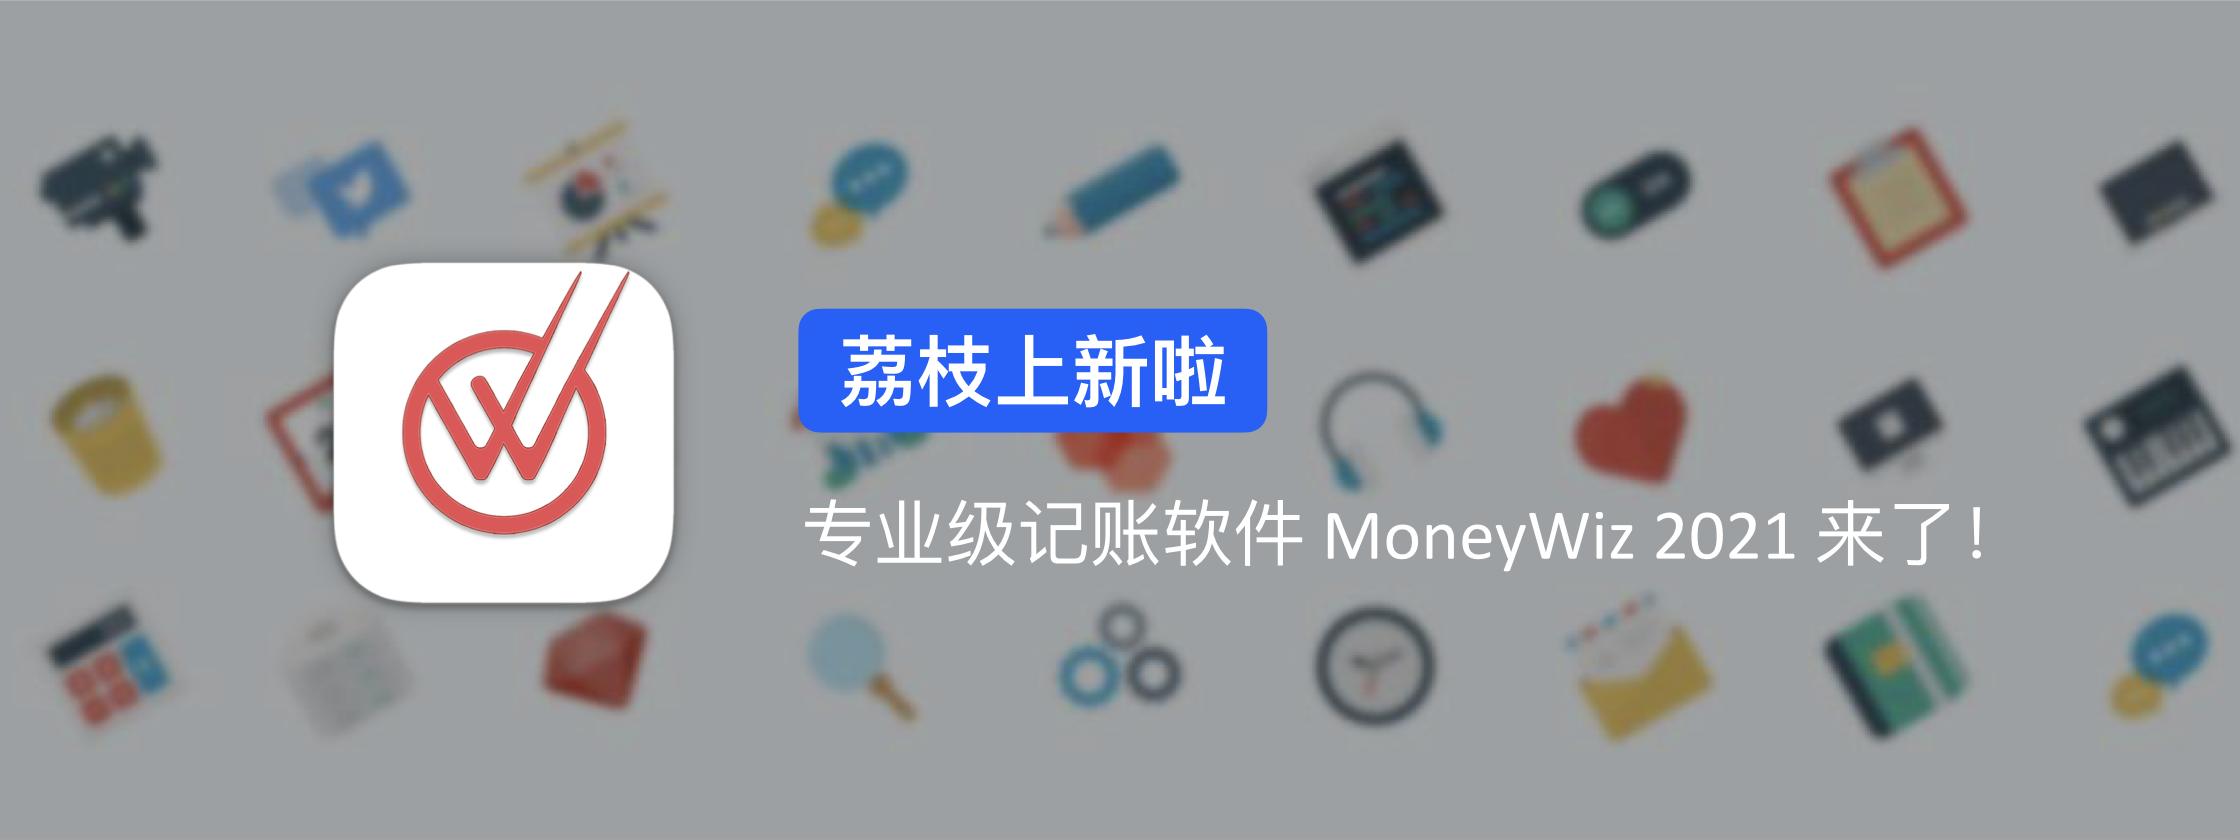 荔枝上新啦   专业级记账软件 MoneyWiz 2021 来了